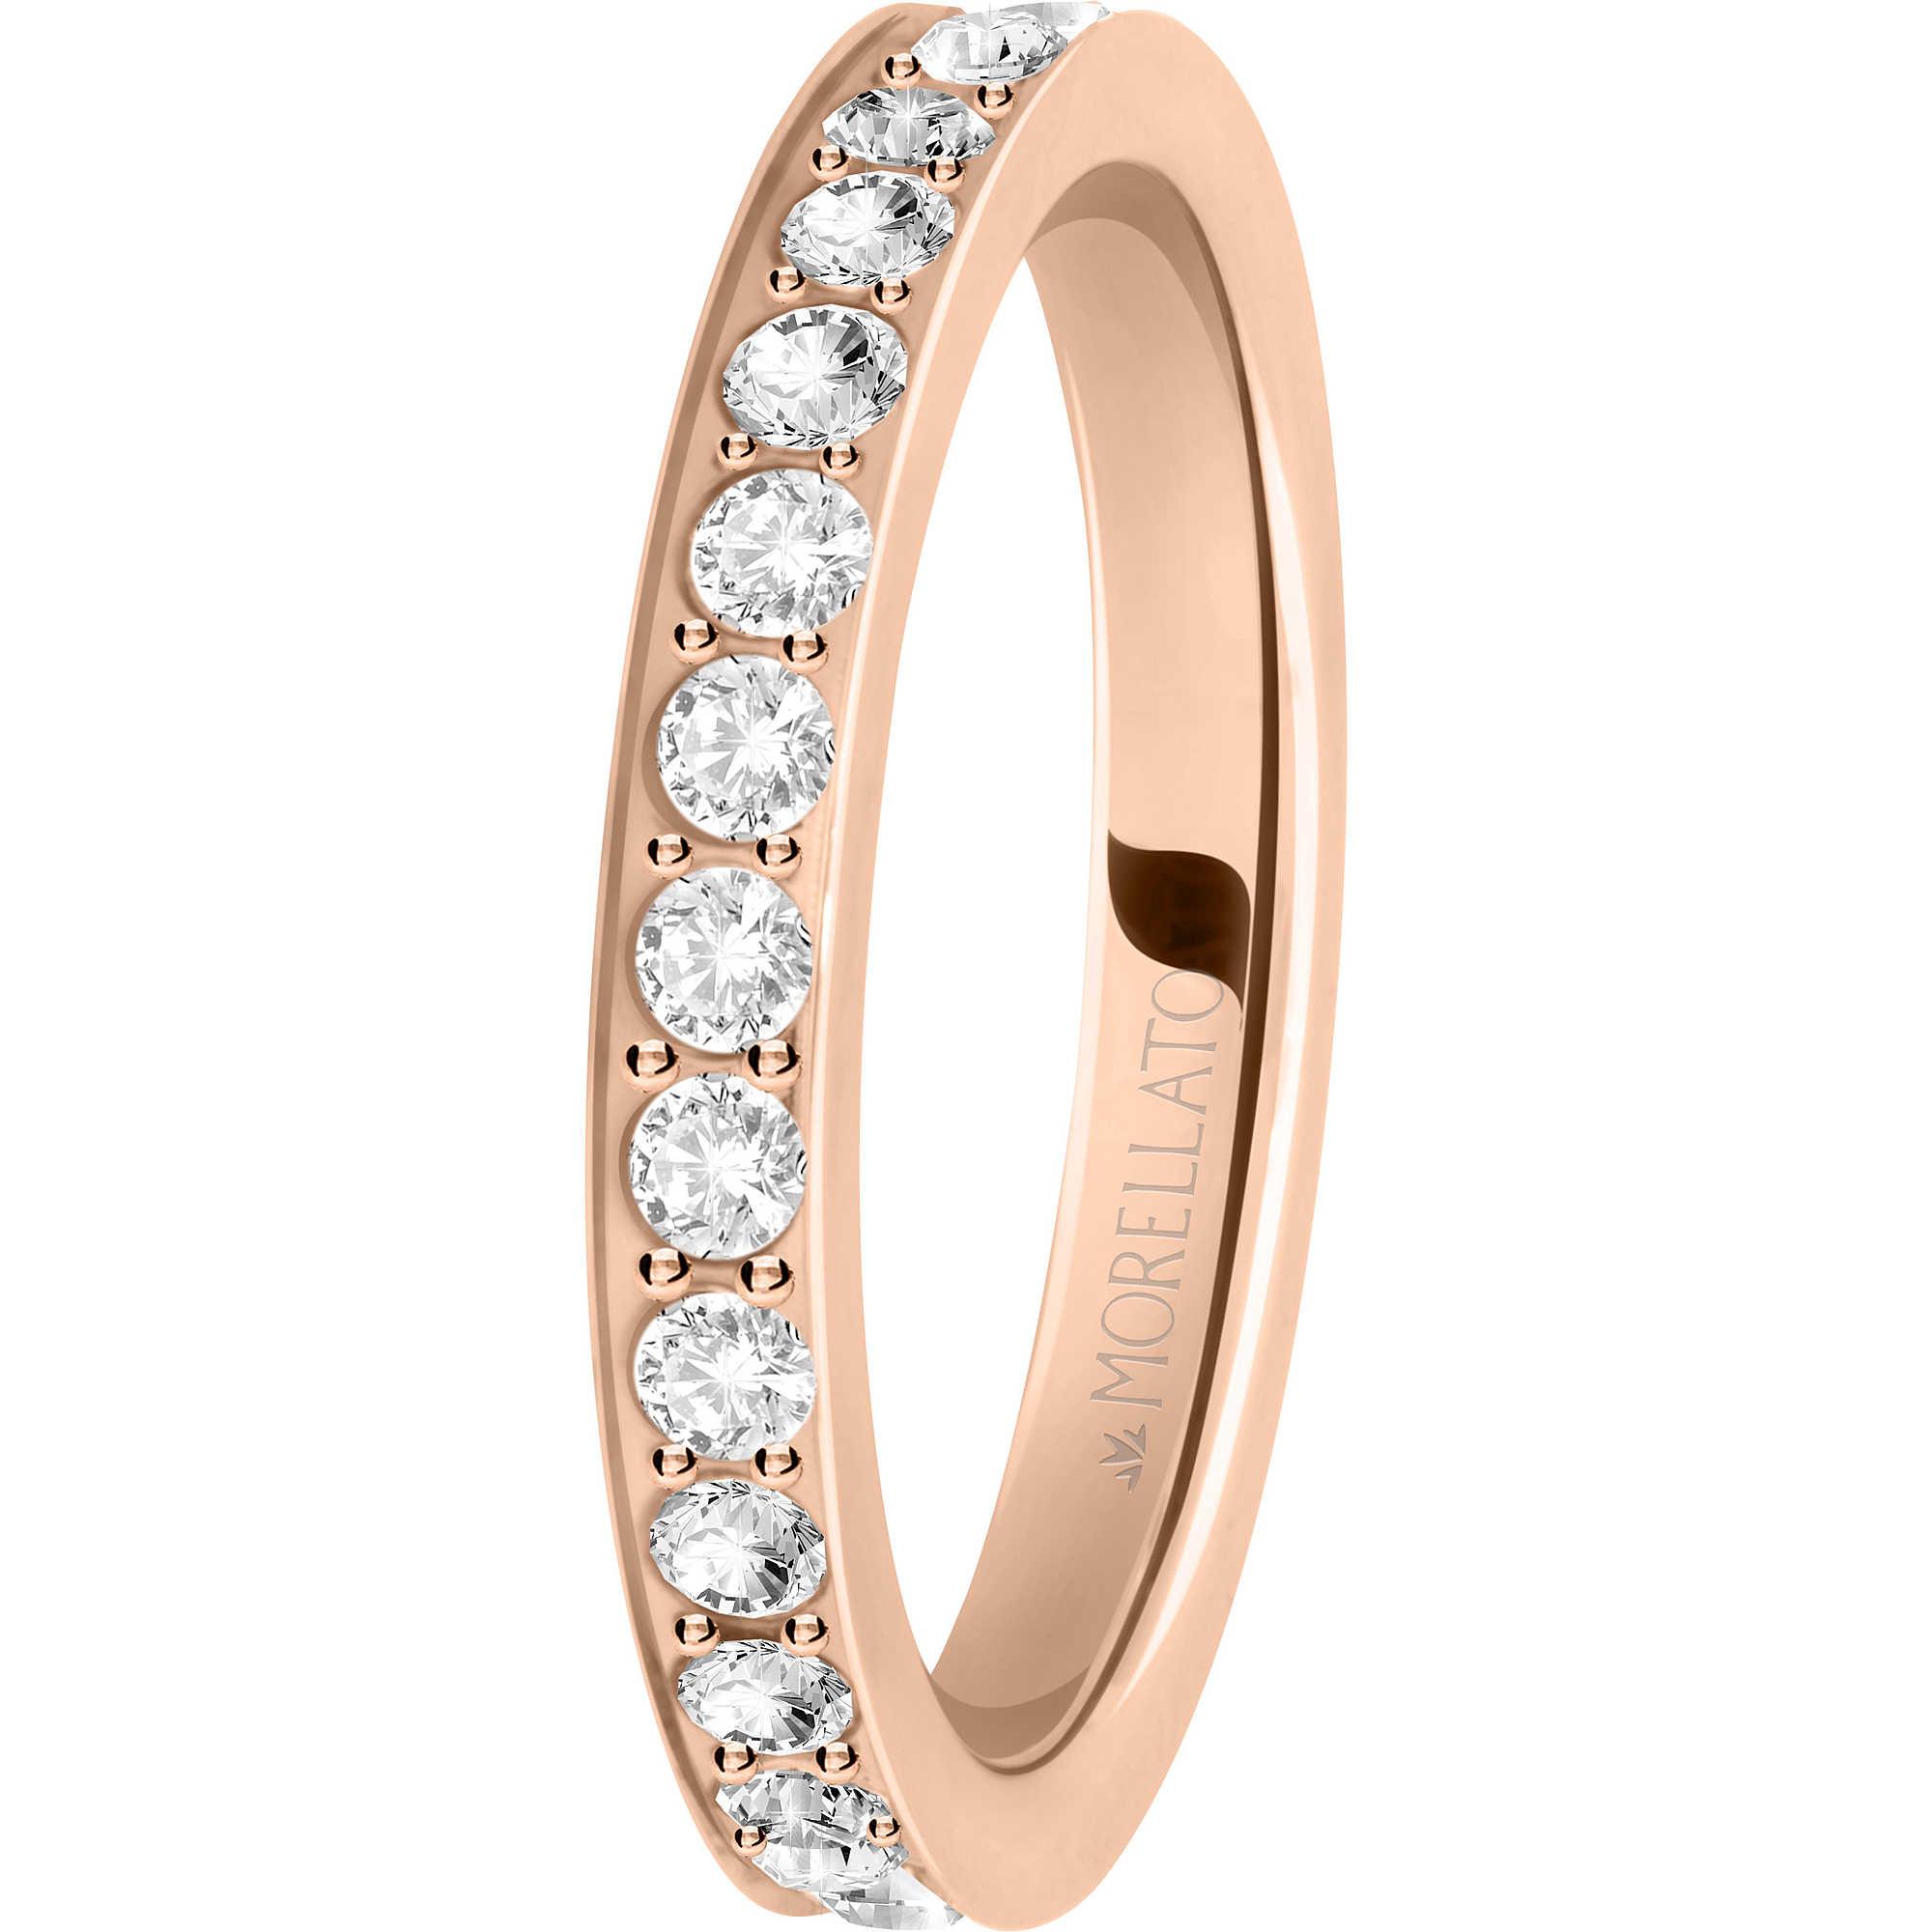 686bf5fe1928cd zoom. Confezione anelli Morellato SNA40018. zoom. anello donna gioielli  Morellato Love Rings SNA40018. zoom